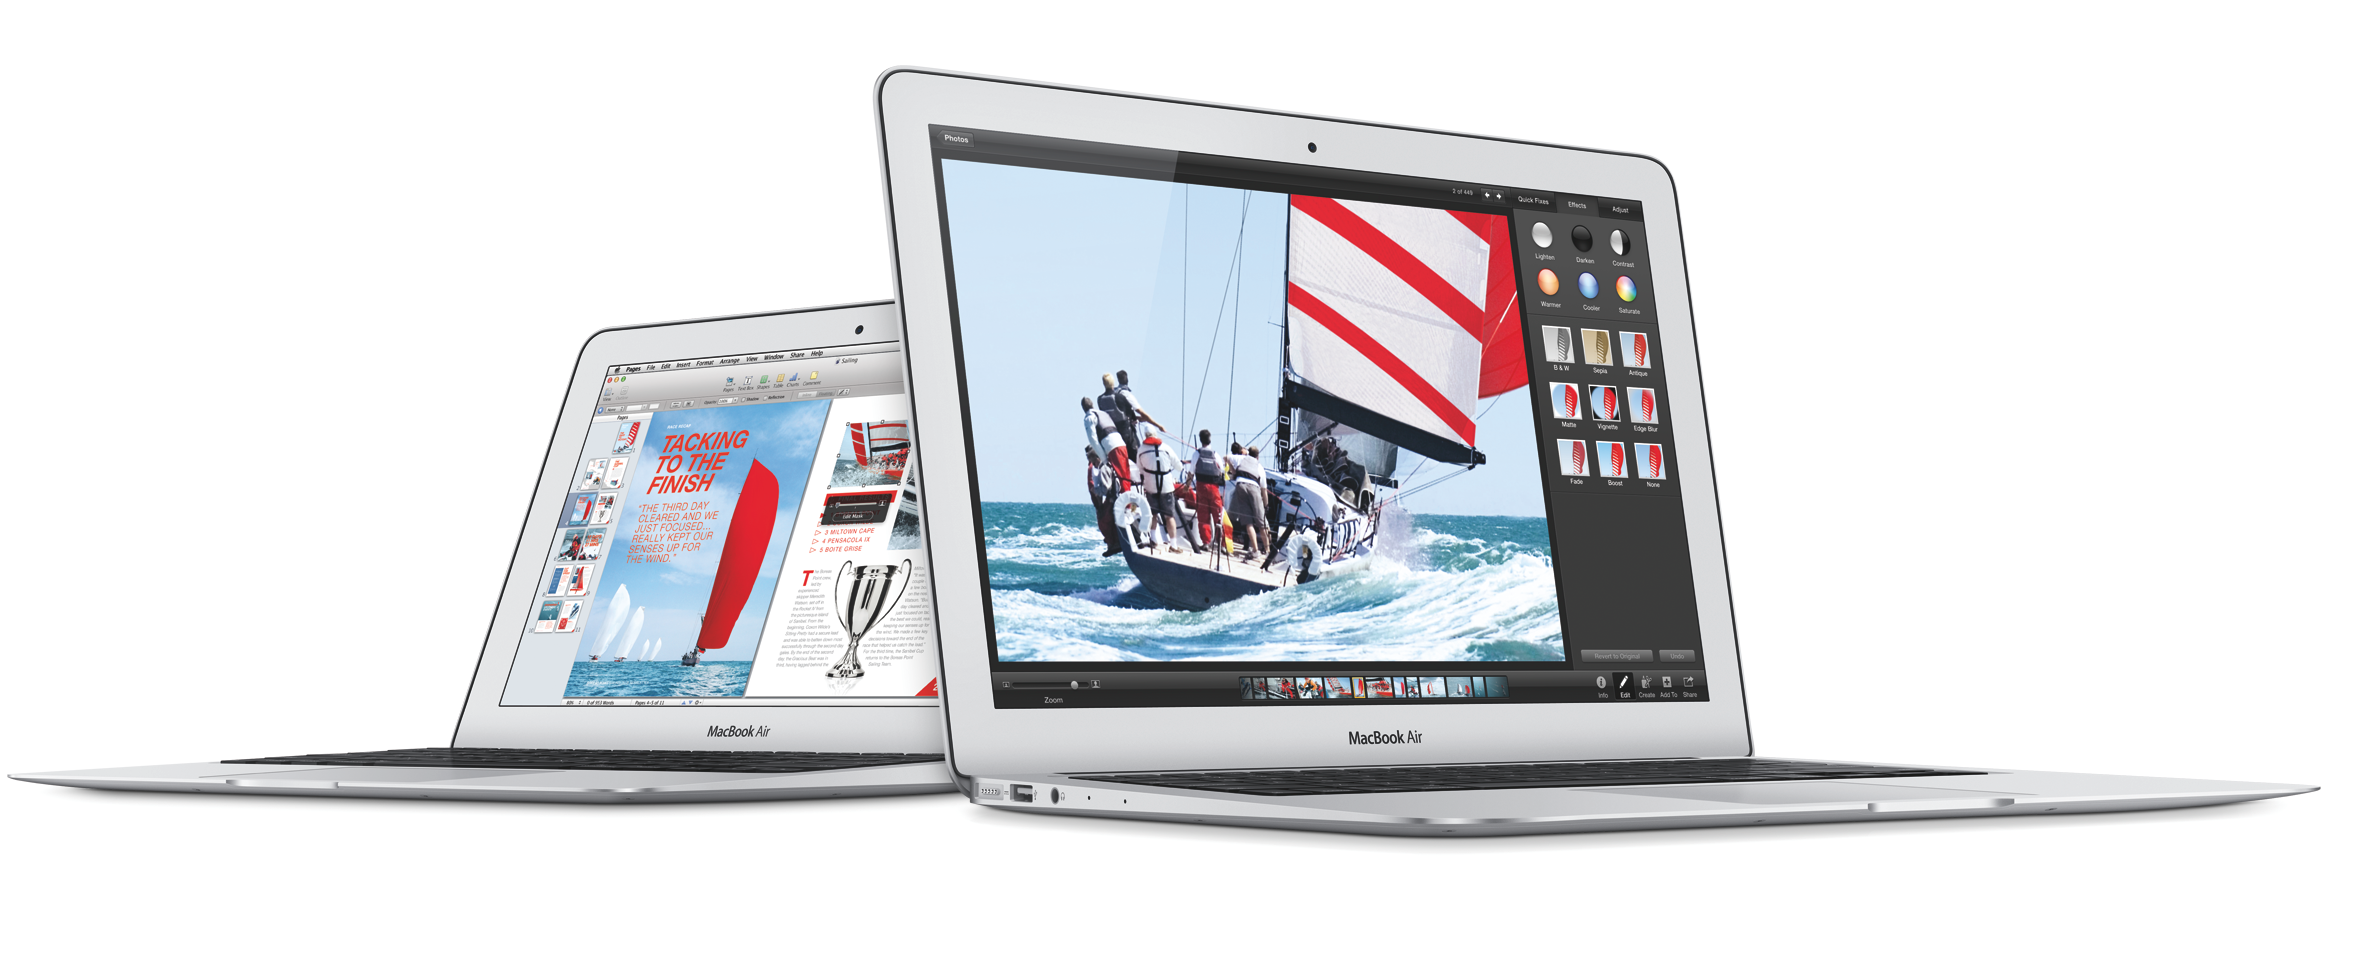 MacBook Air のバッテリーをできるだけ長持ちさせる方法